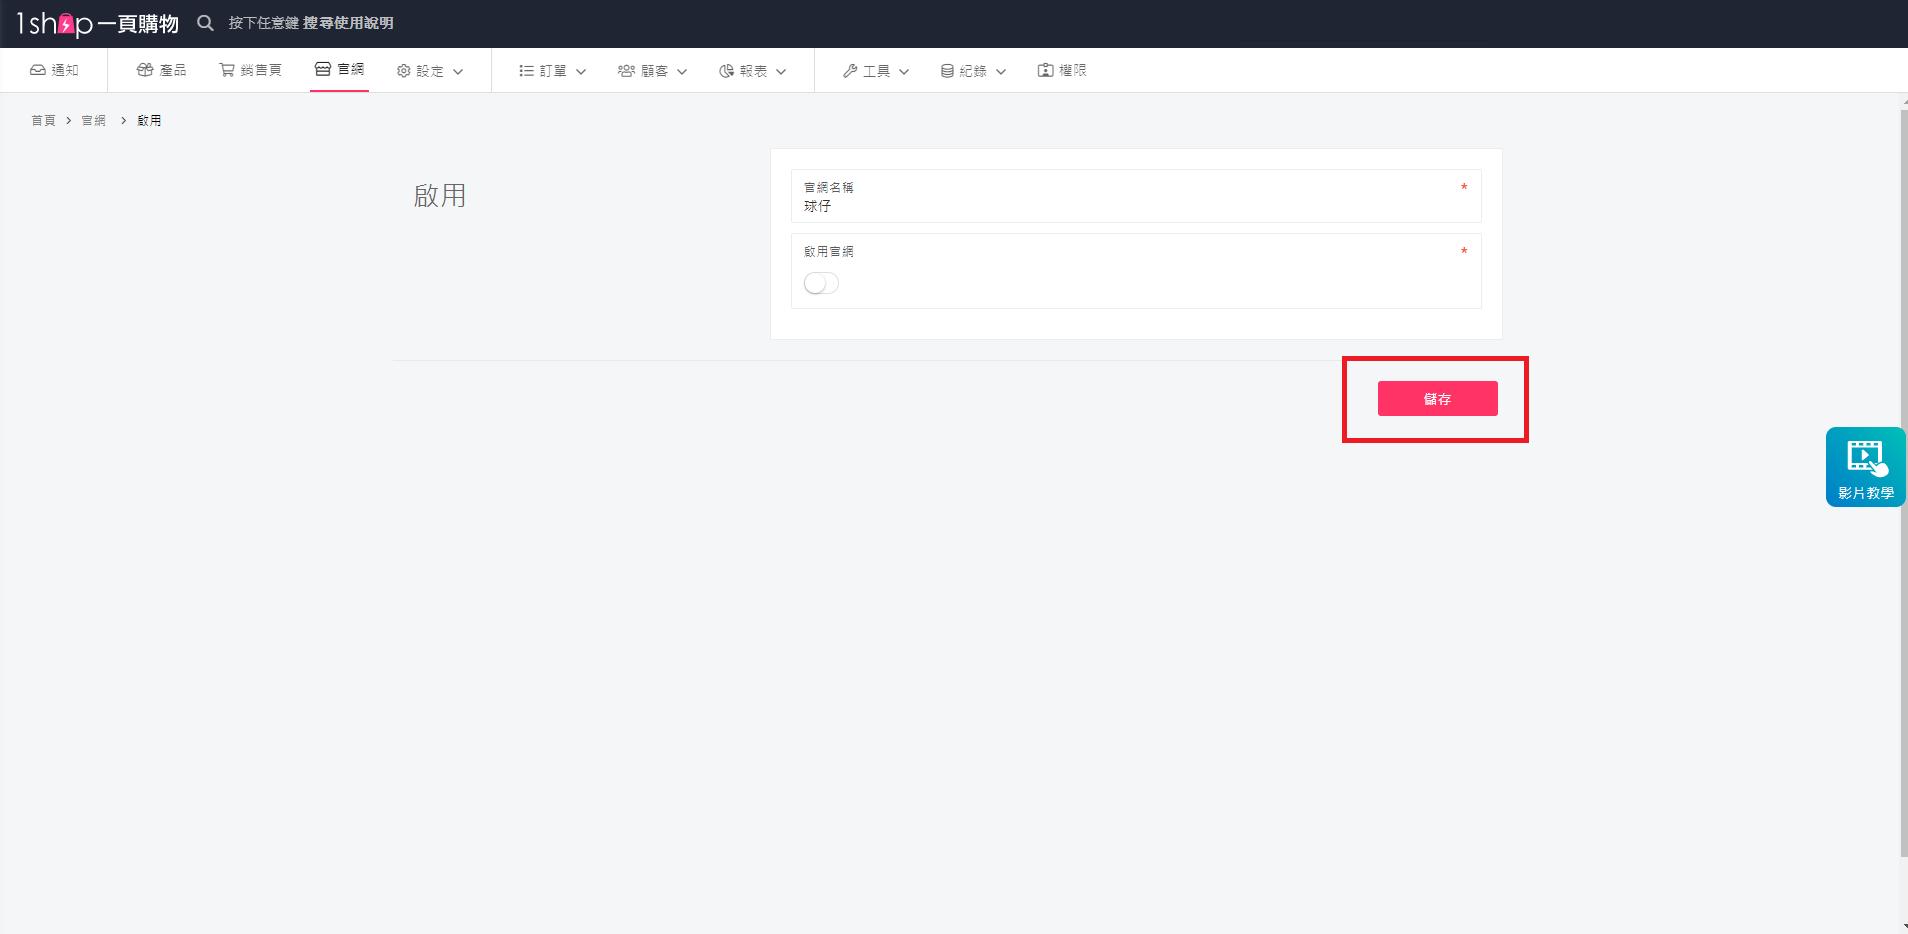 顧客查詢訂單 設定儲存